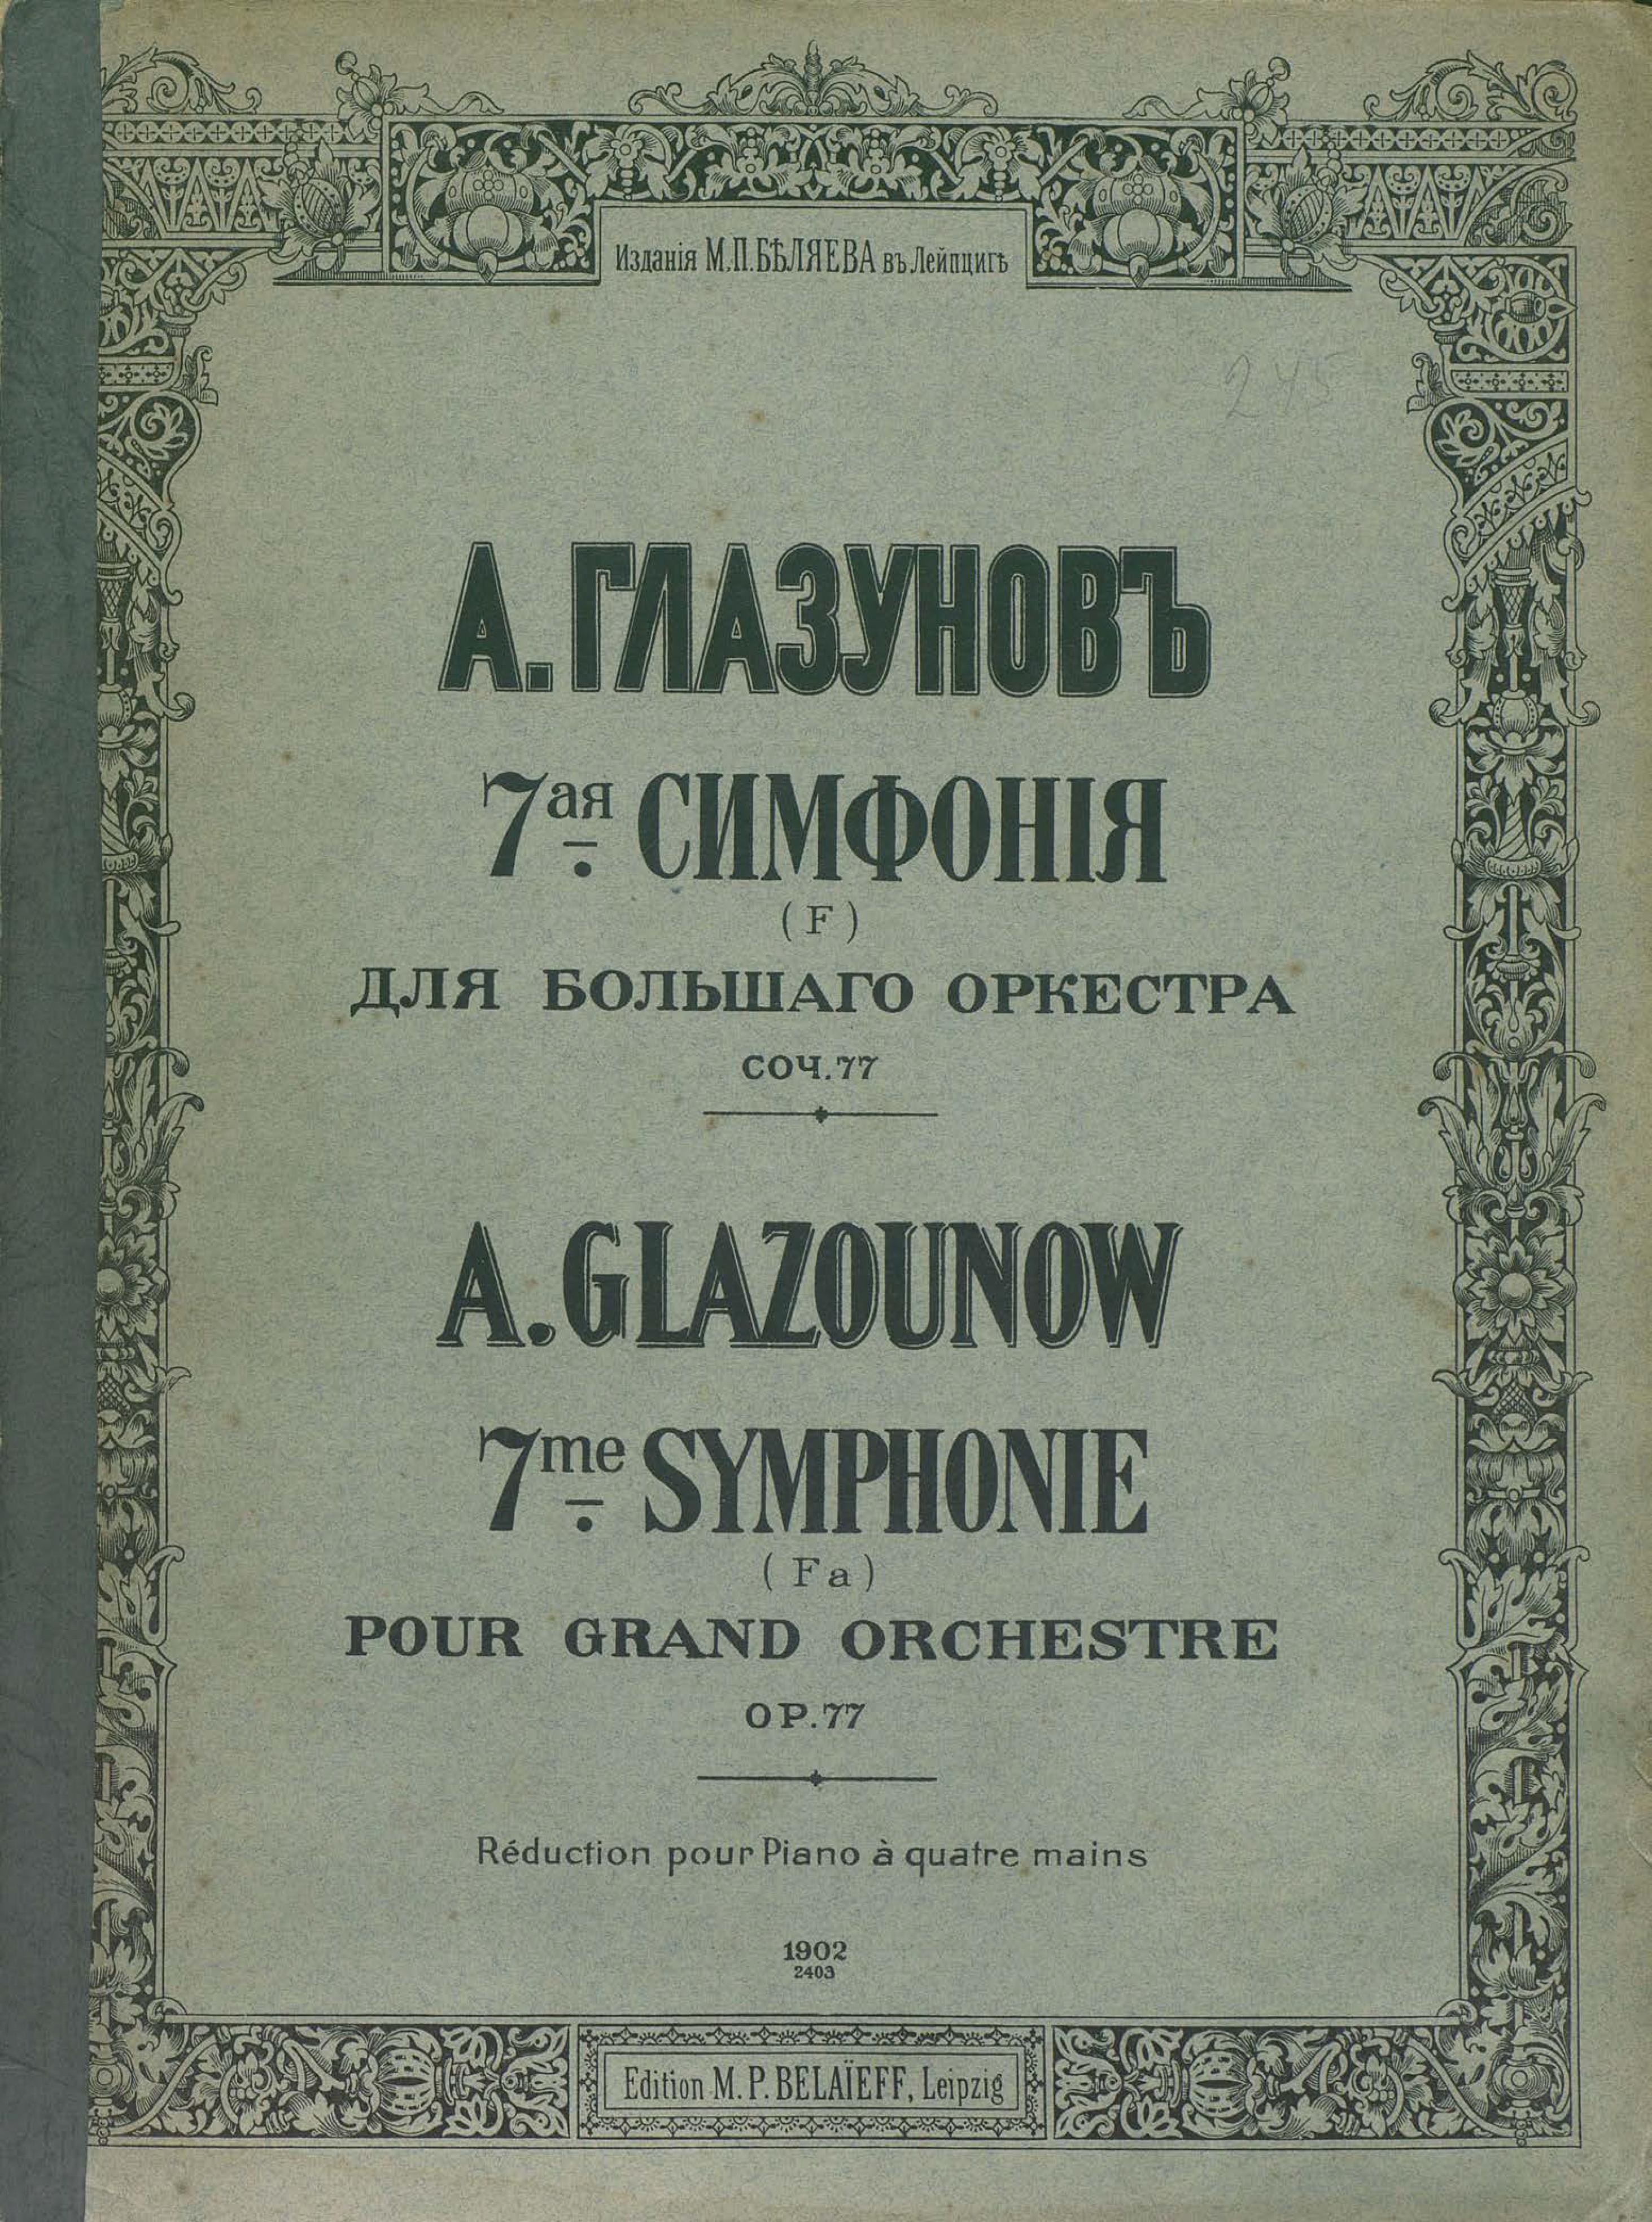 Александр Константинович Глазунов 7 симфония (F) для большого оркестра александр константинович глазунов времена года